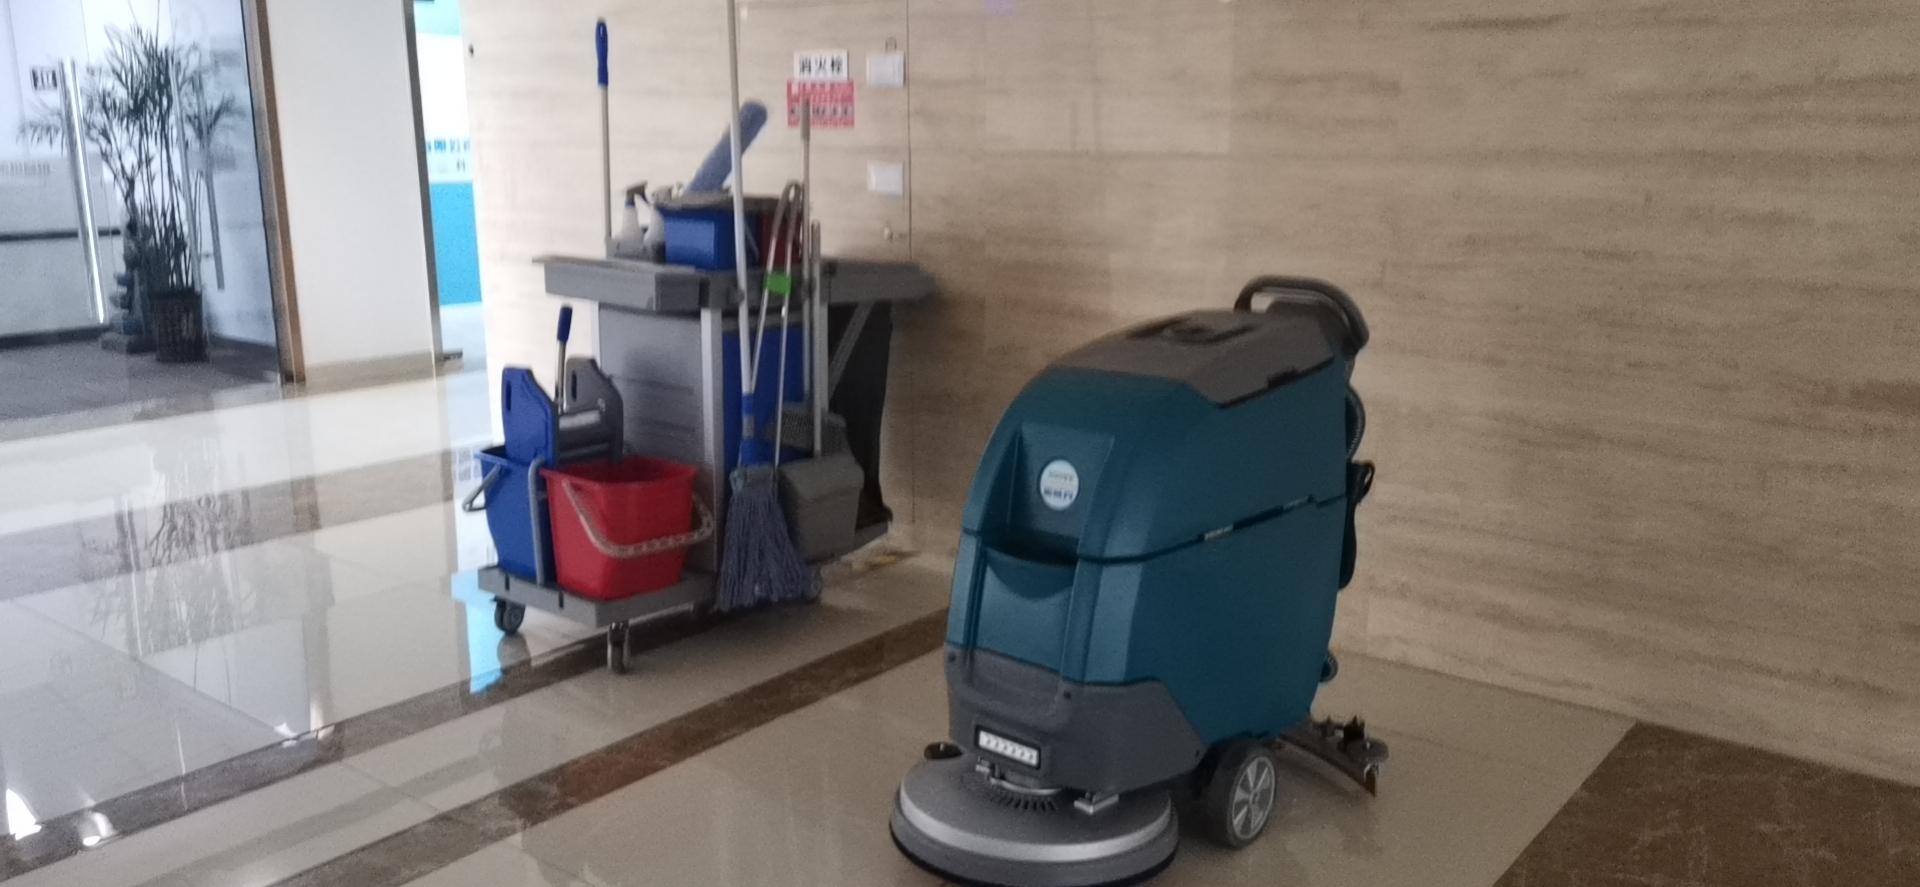 自动洗地机价格